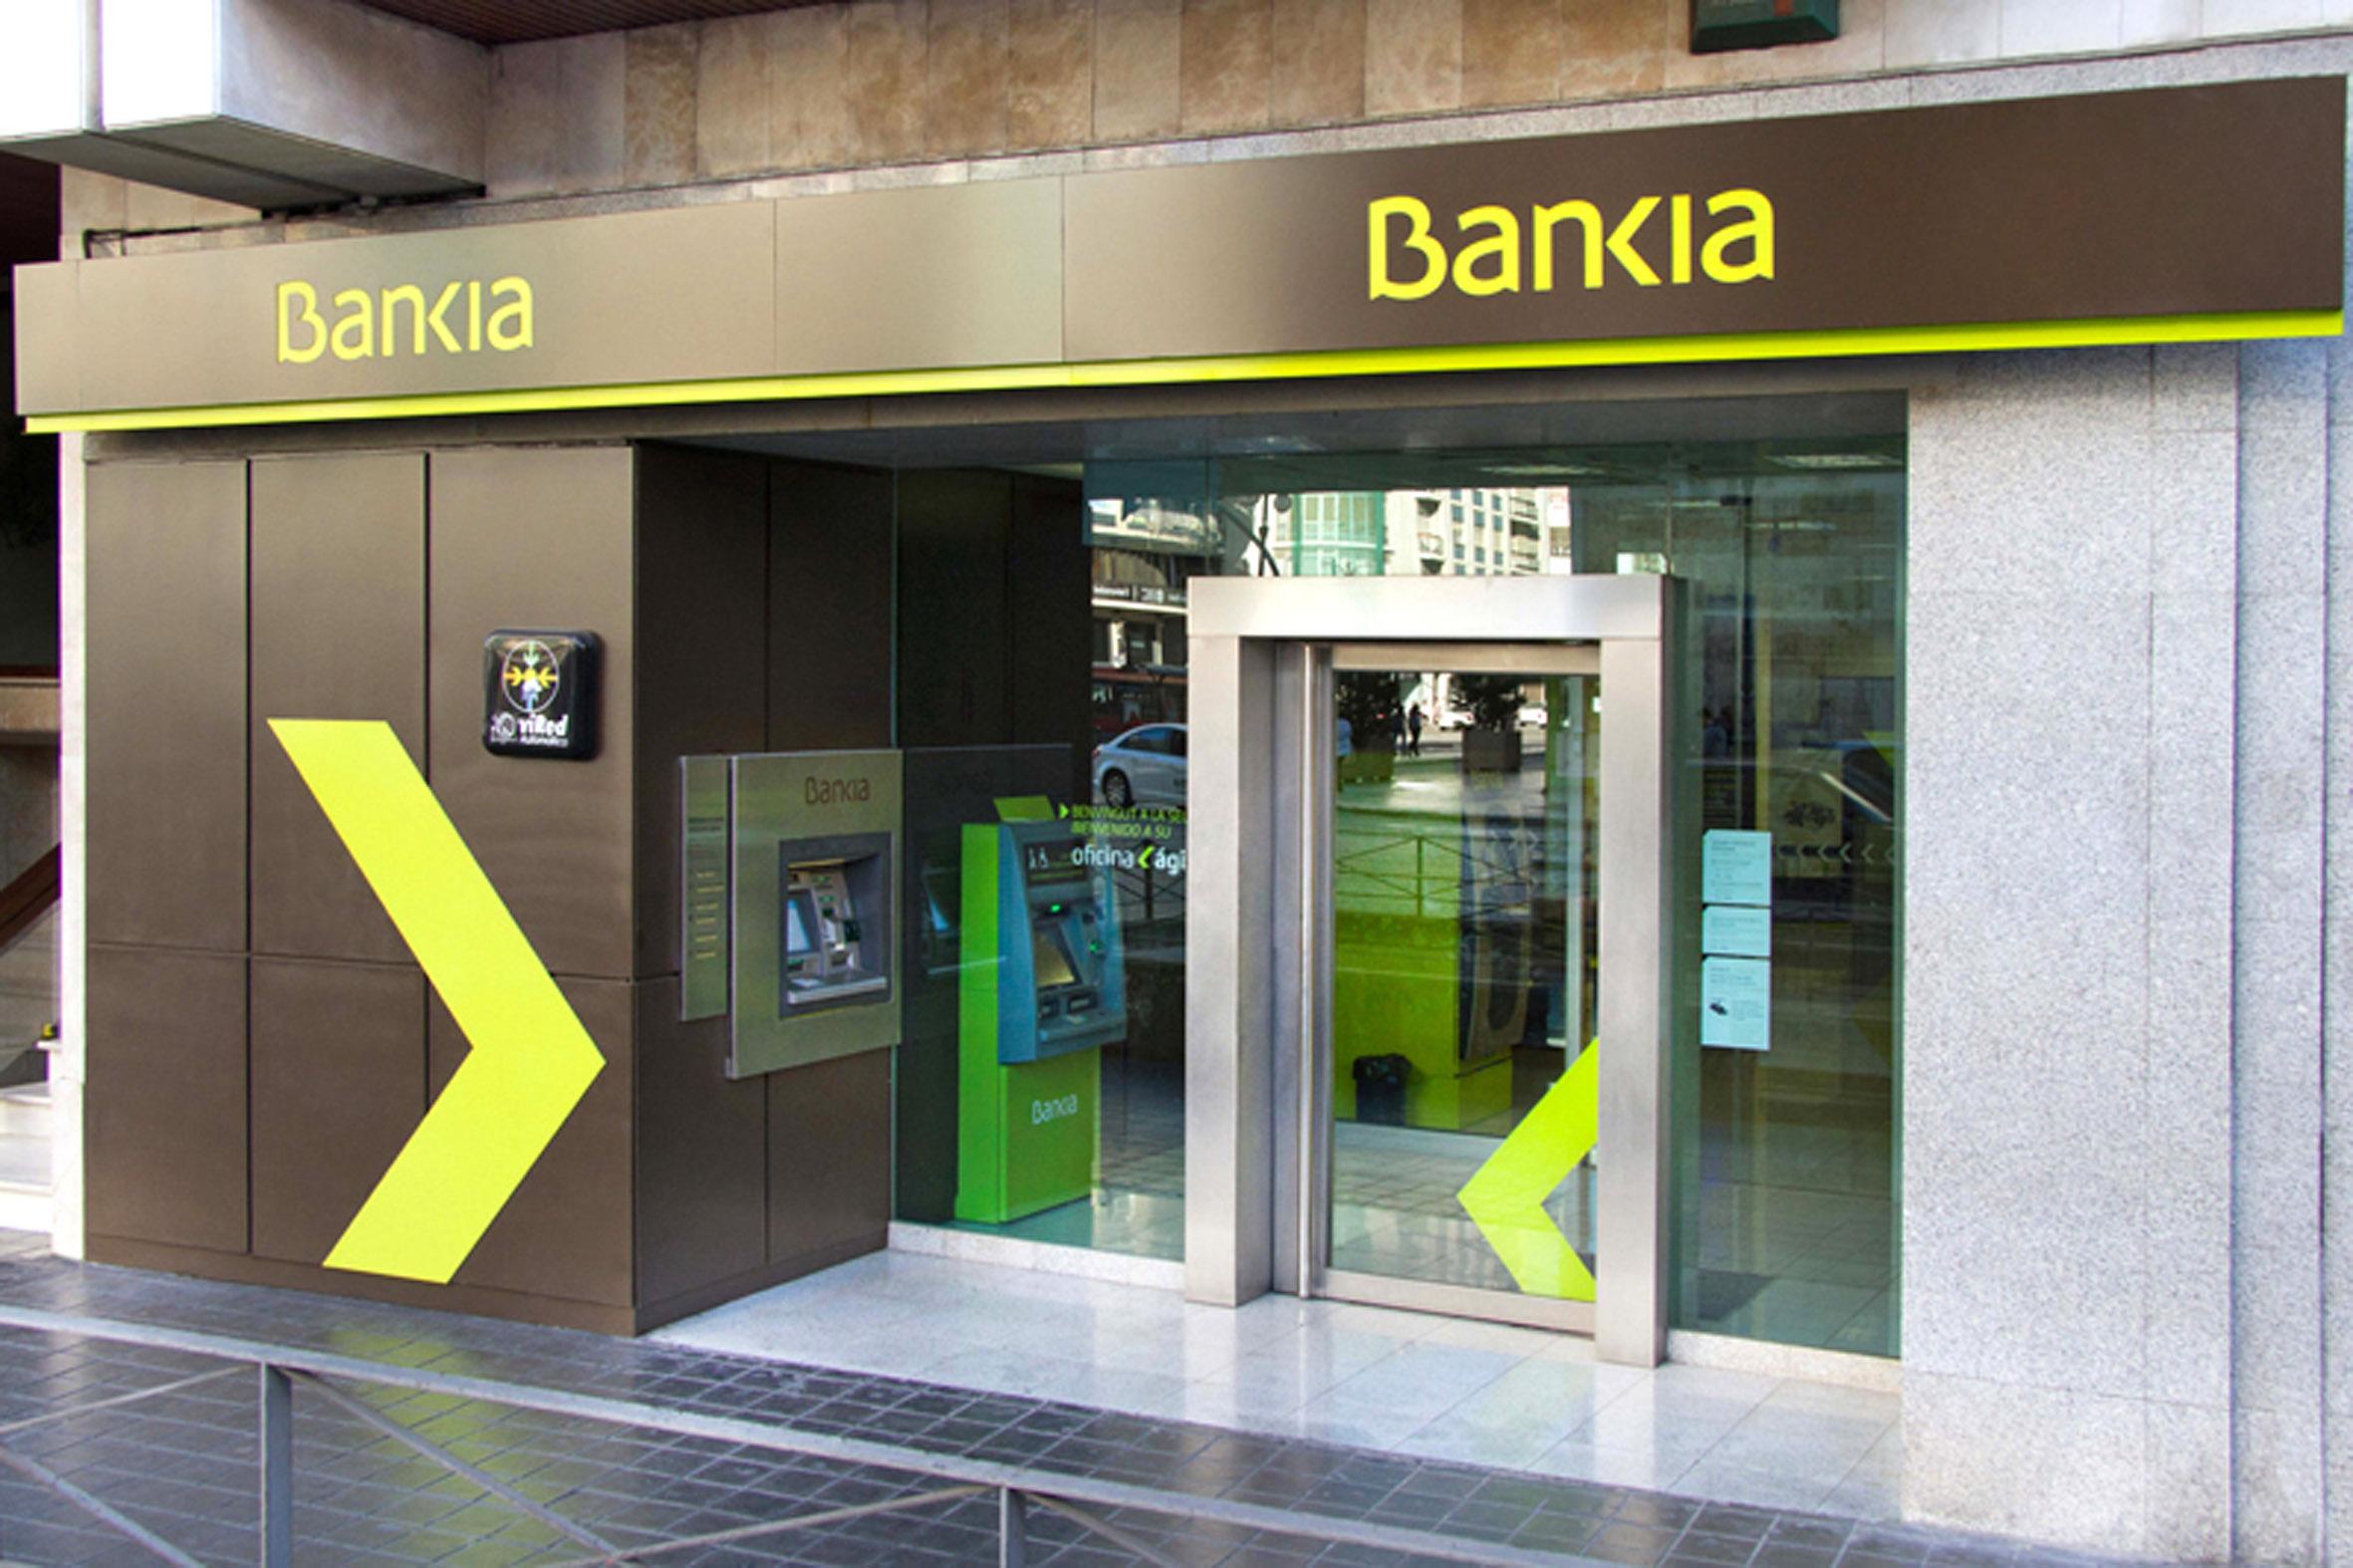 las oficinas giles de bankia habr n atendido a m s de 8 5